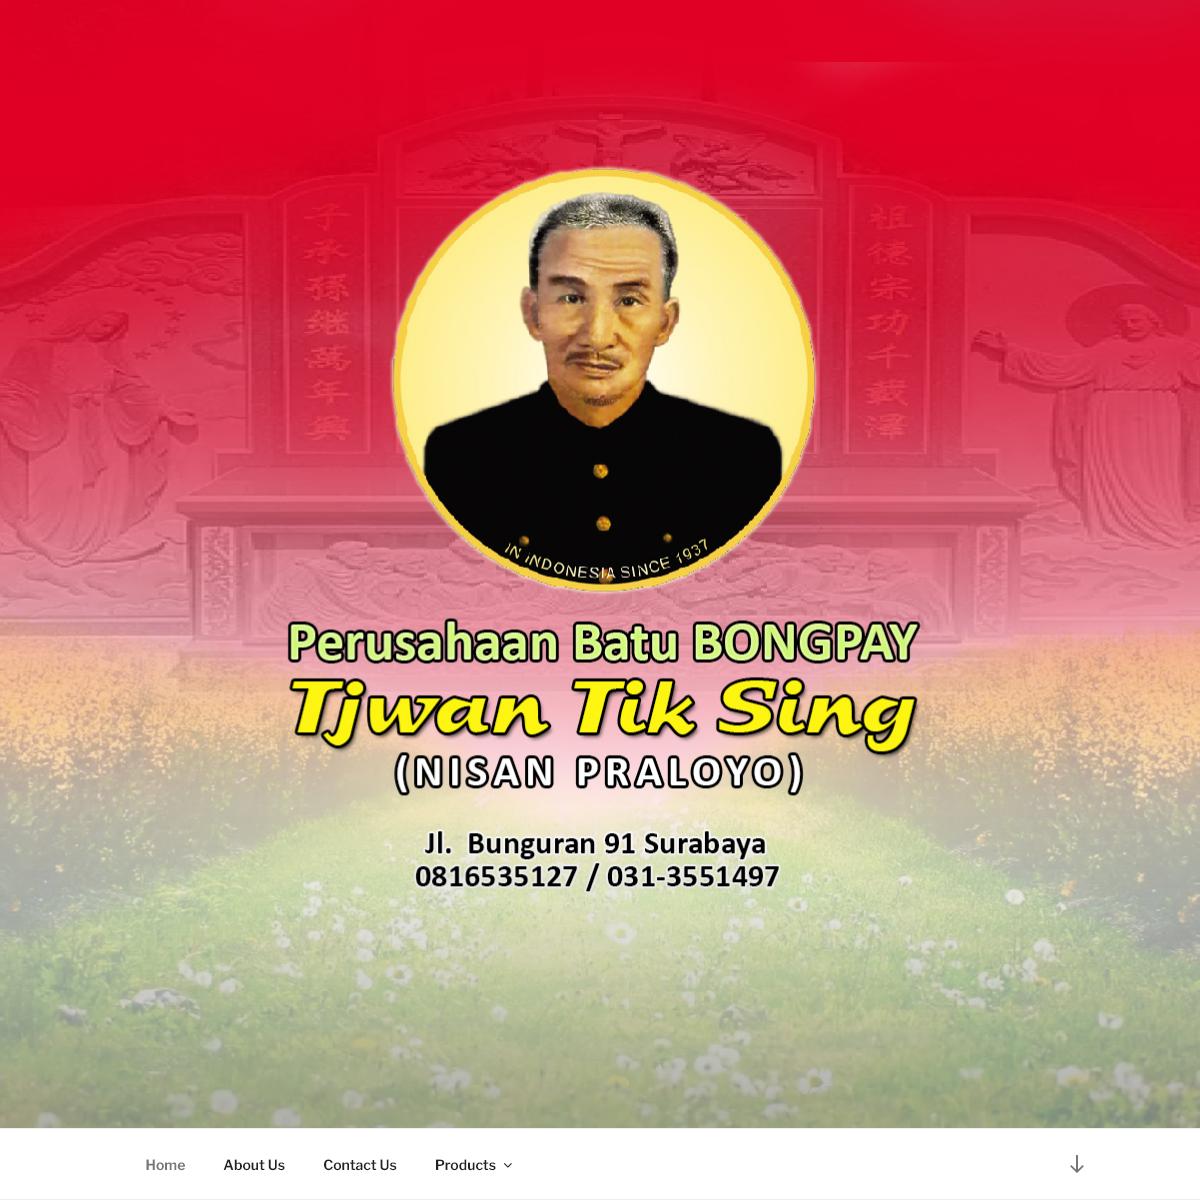 Tjwan Tik Sing – Seni Pahat Batu Bongpay